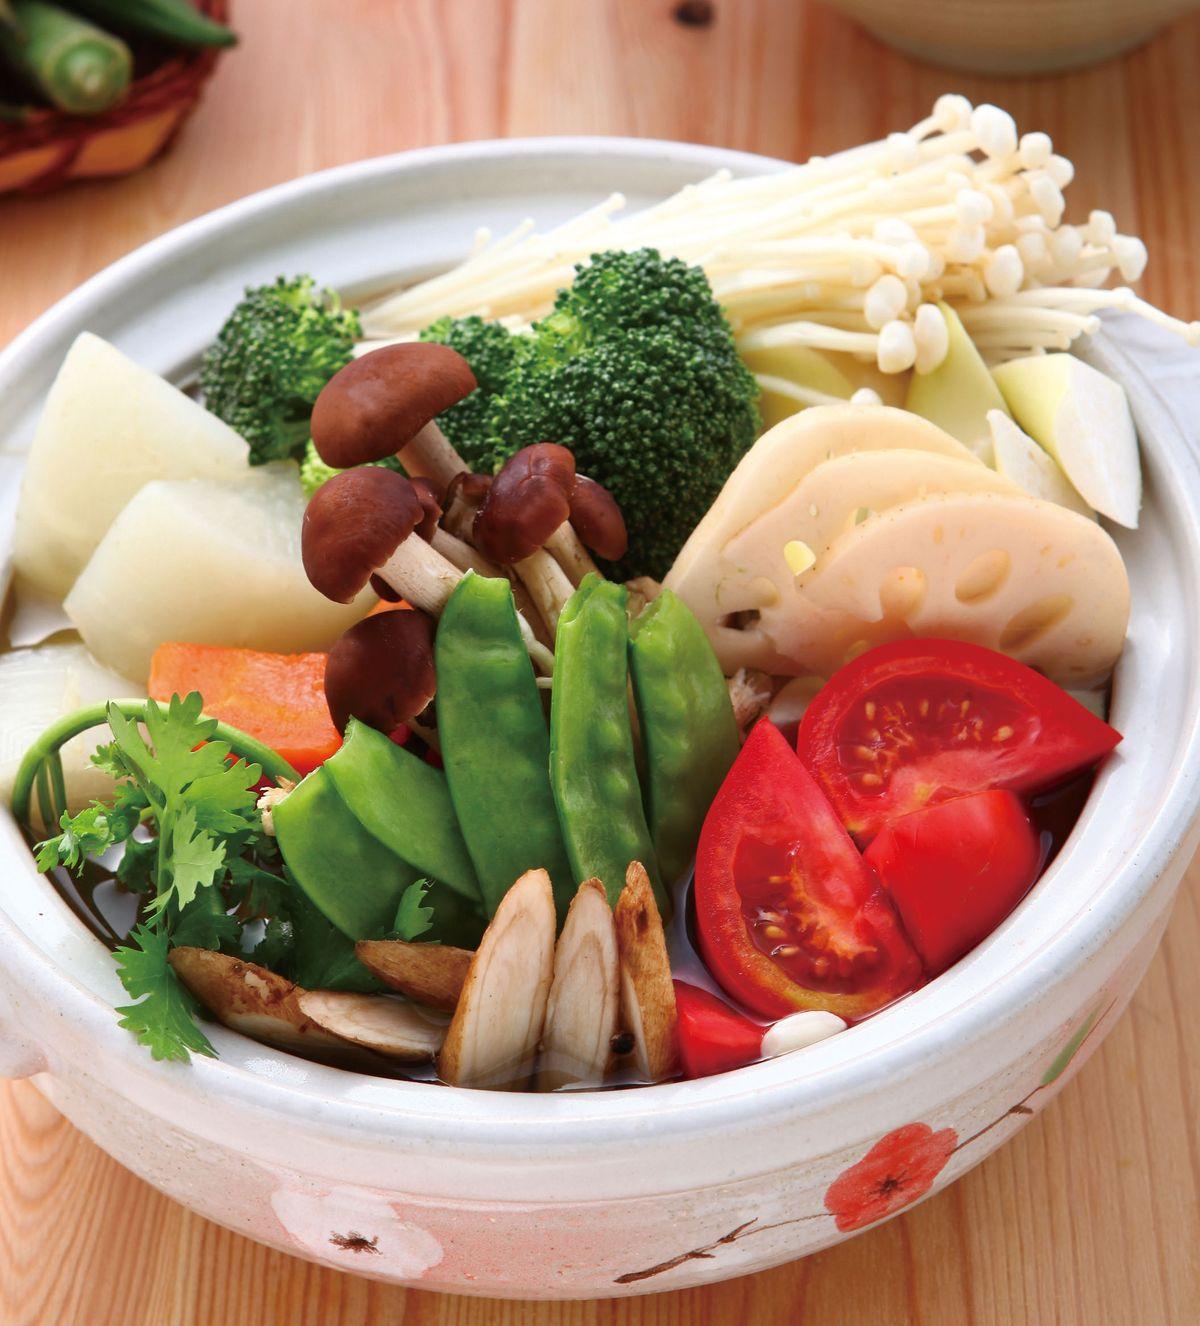 【素食火鍋湯頭食譜】有 7 道